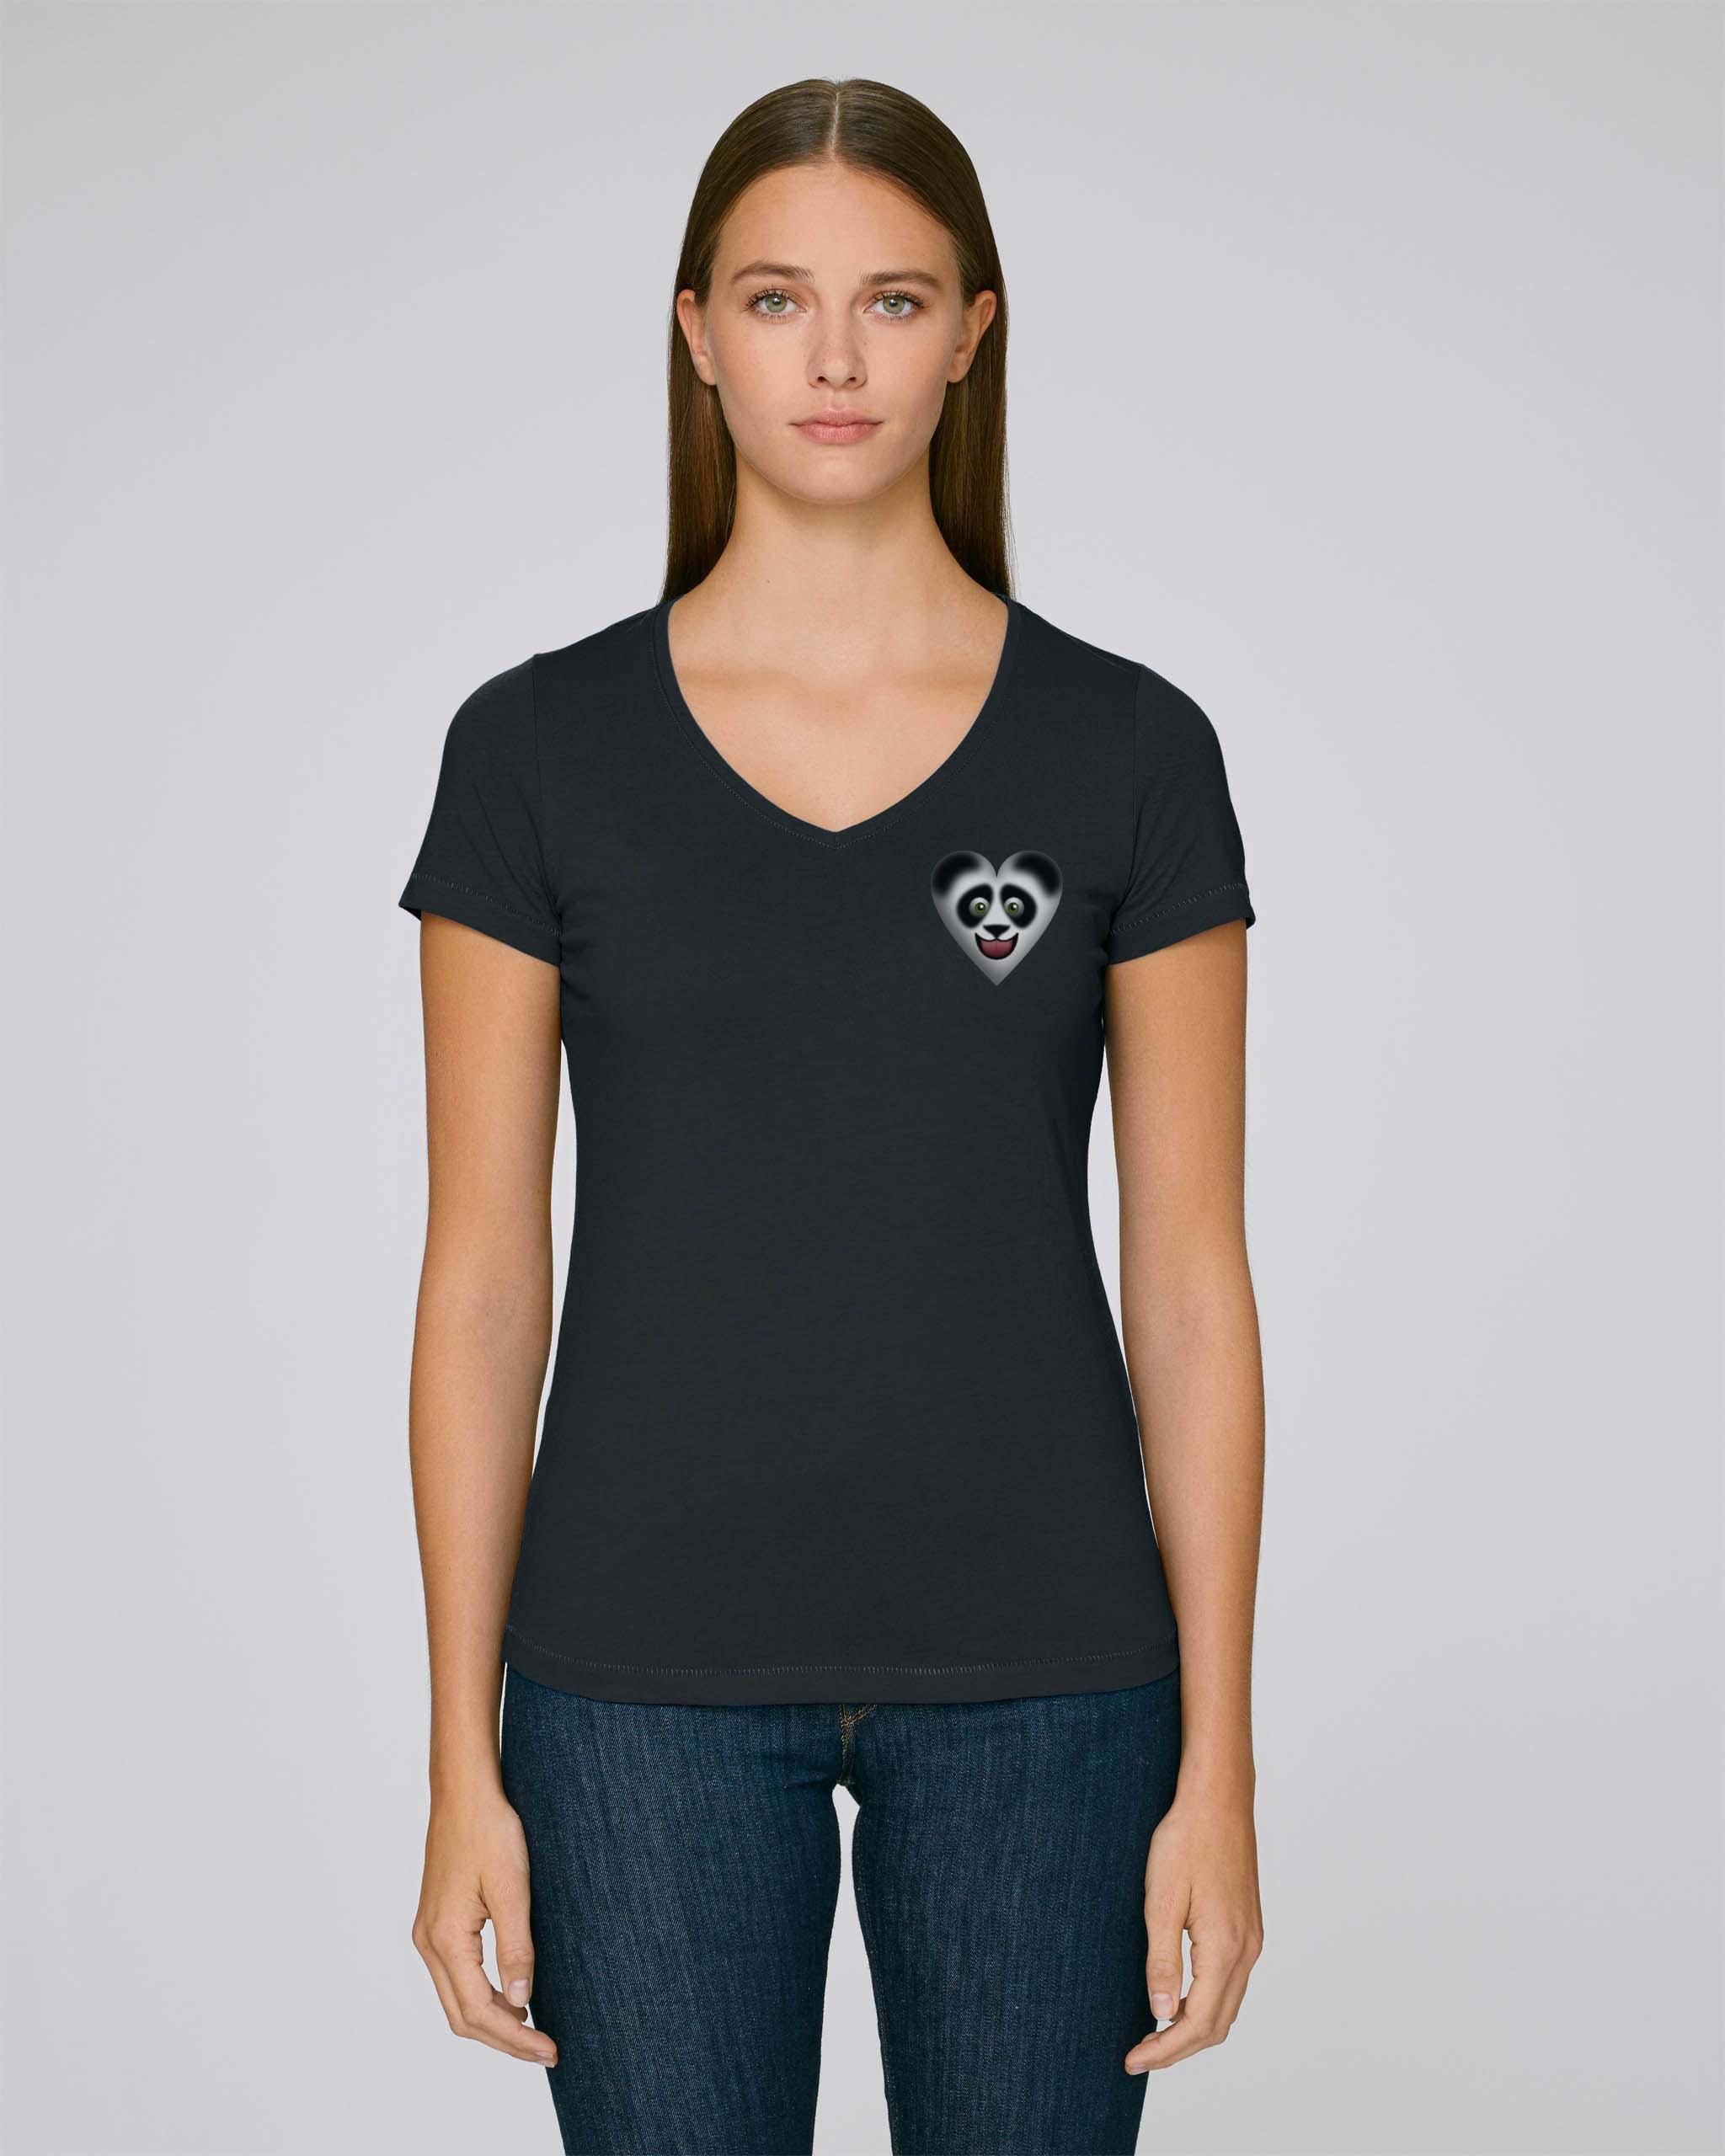 T-Shirt Bio noir 2 Femme – Panda tee